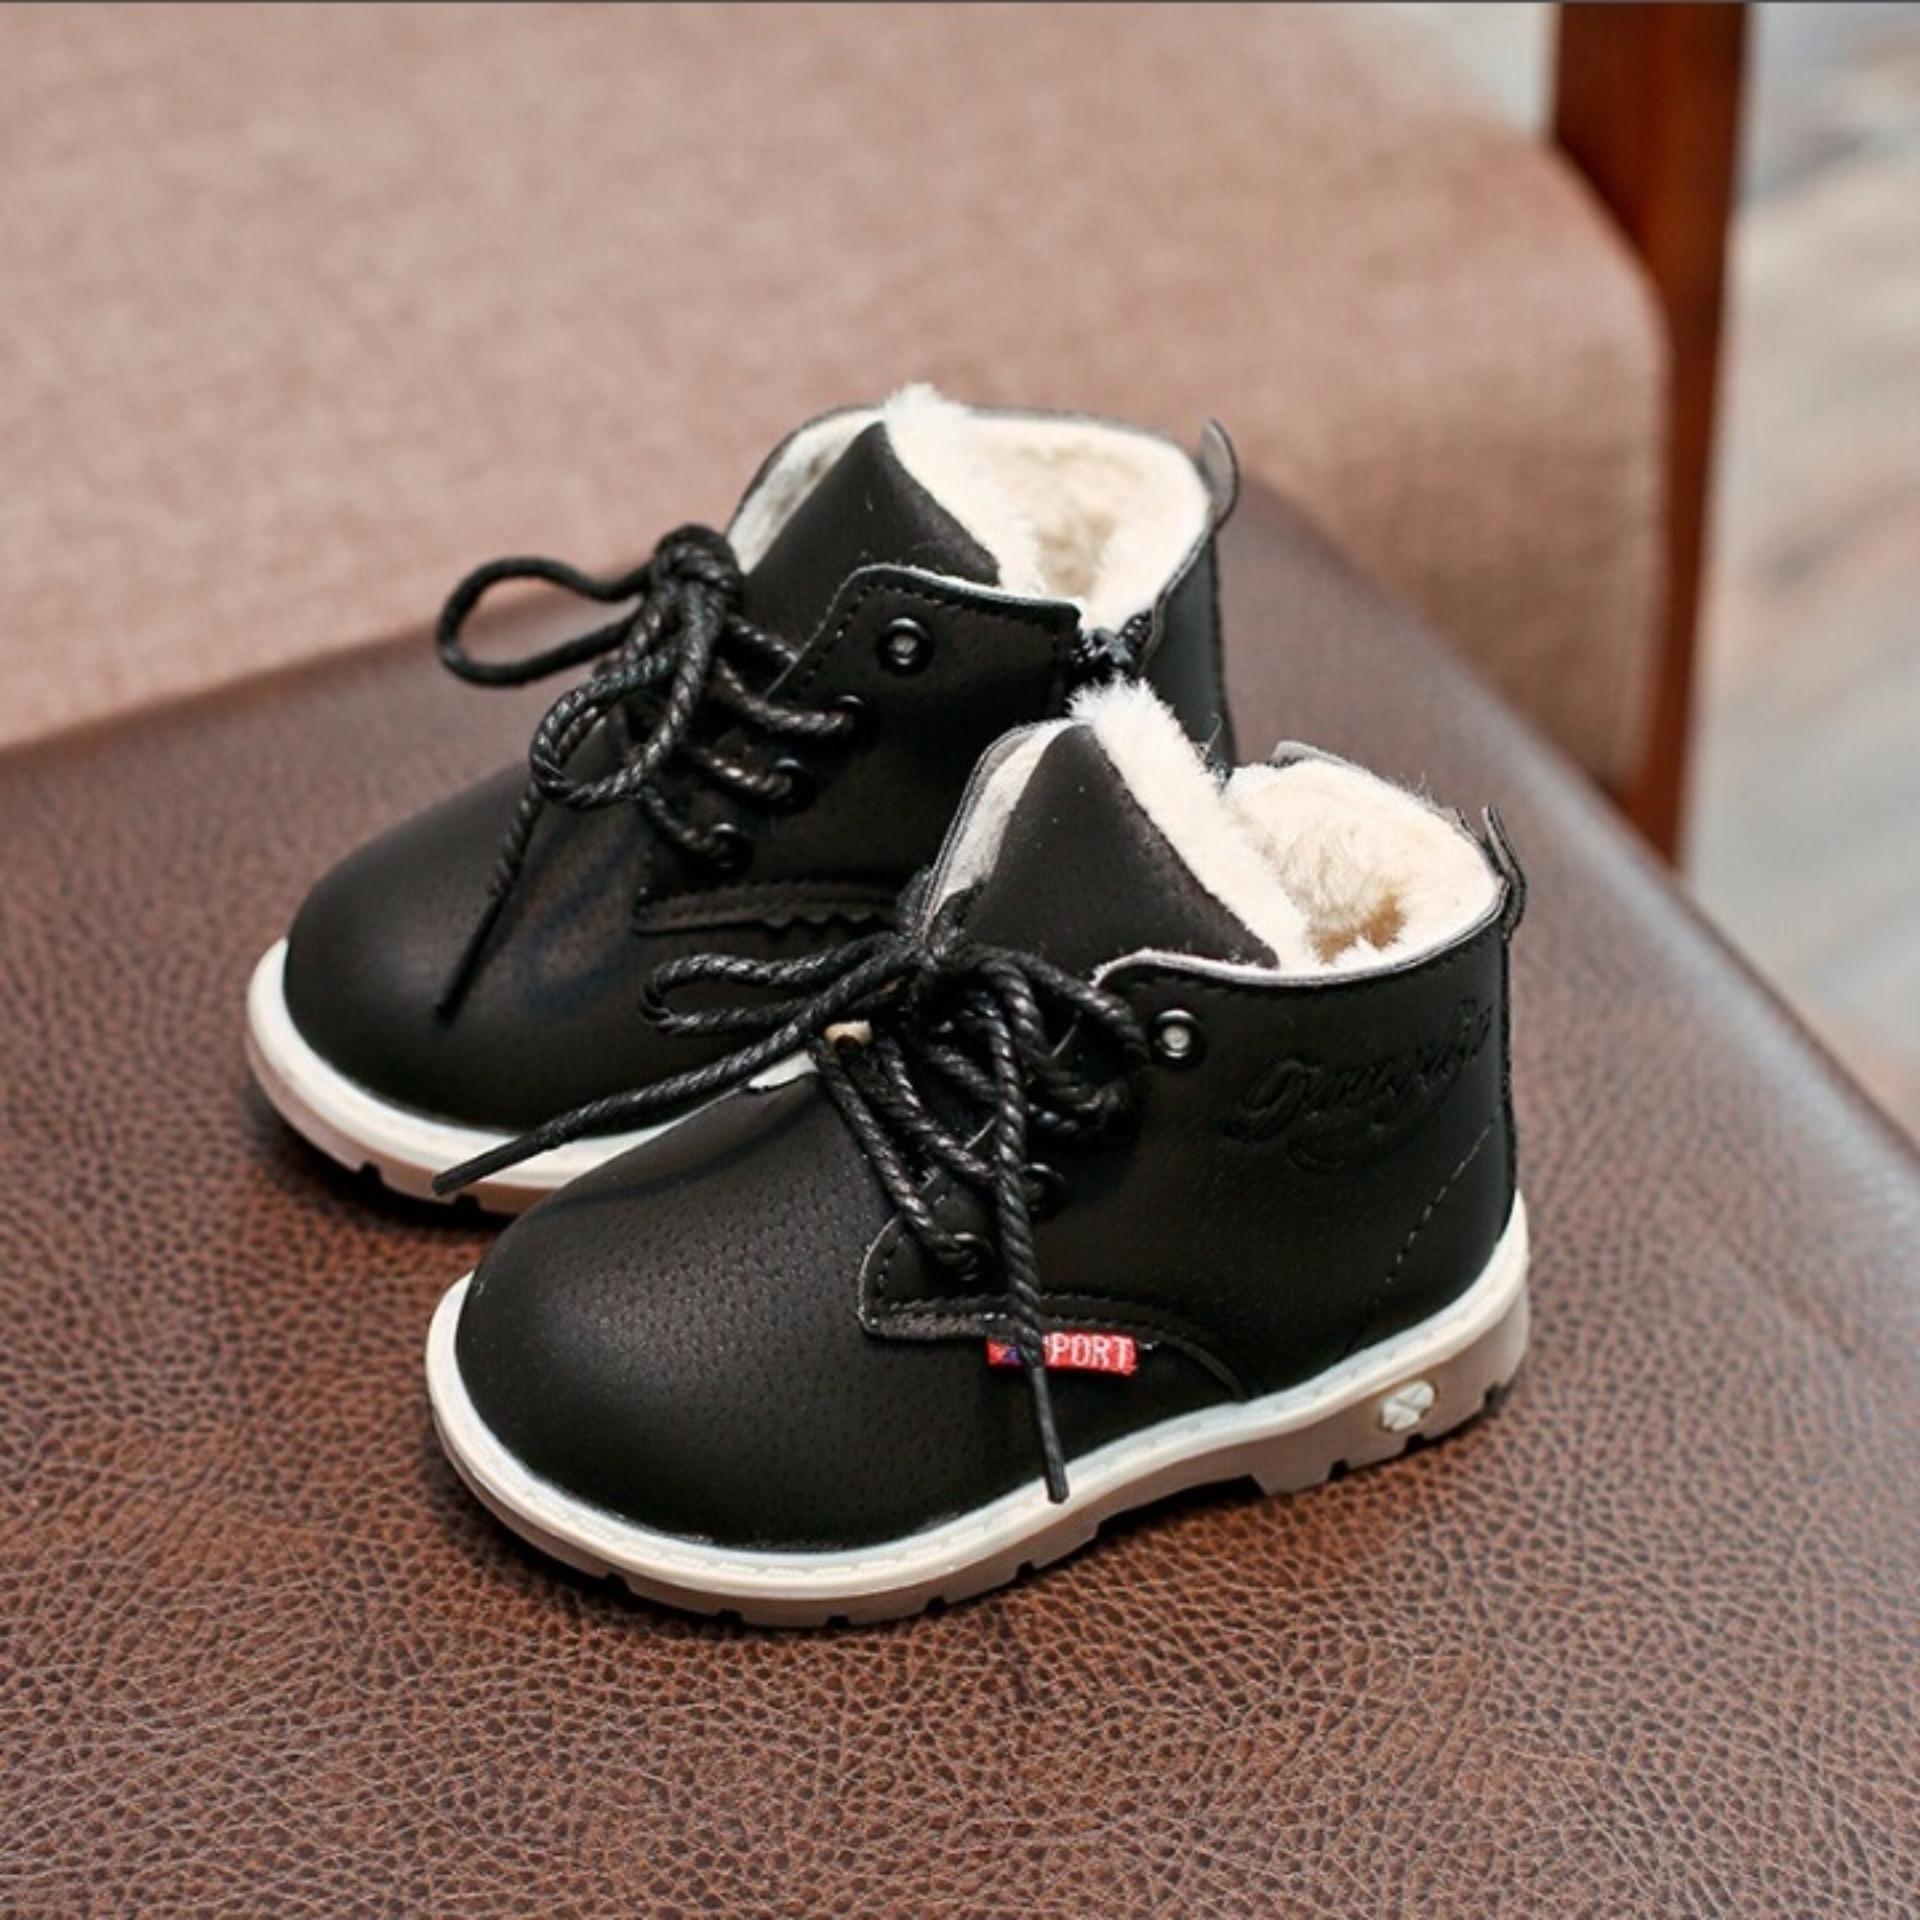 giày boot buộc dây trẻ em